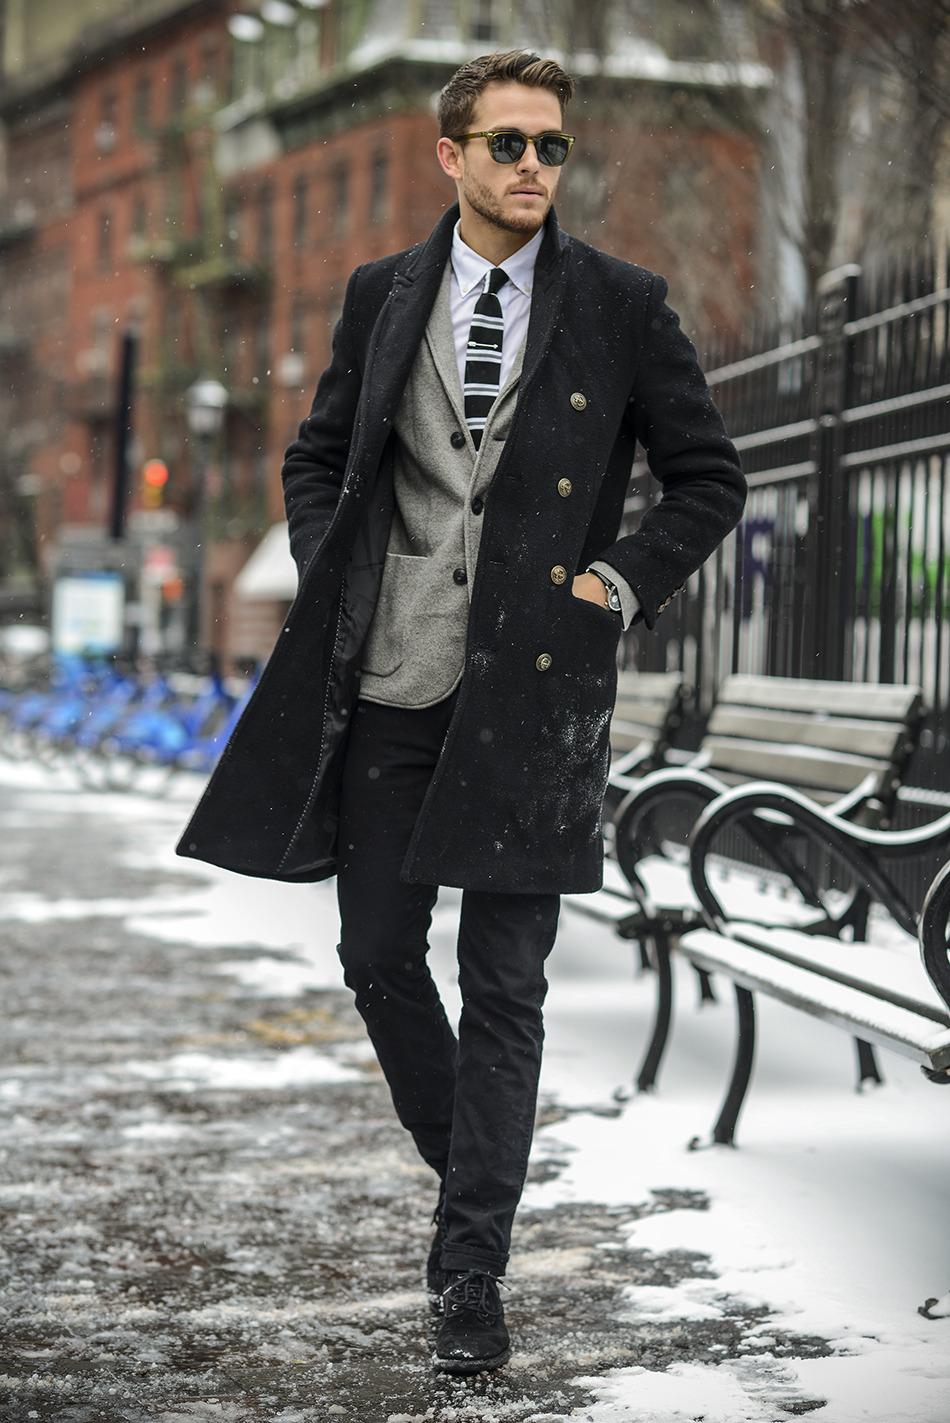 Классическое пальто стильно выглядит и с одеждой официального стиля и в  образе casual 1286392830c